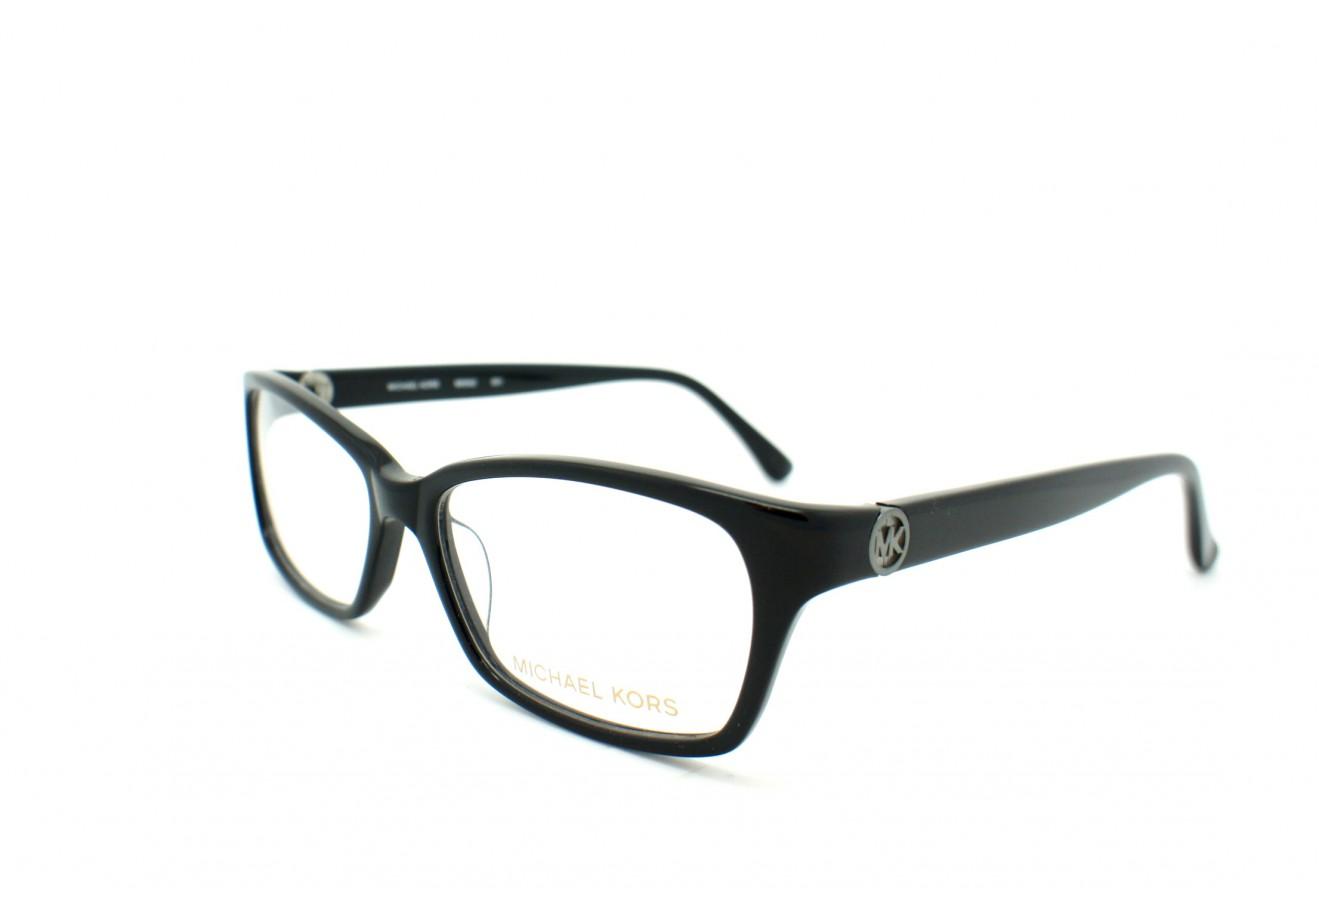 lunettes de vue mk 842 001 51 15. Black Bedroom Furniture Sets. Home Design Ideas